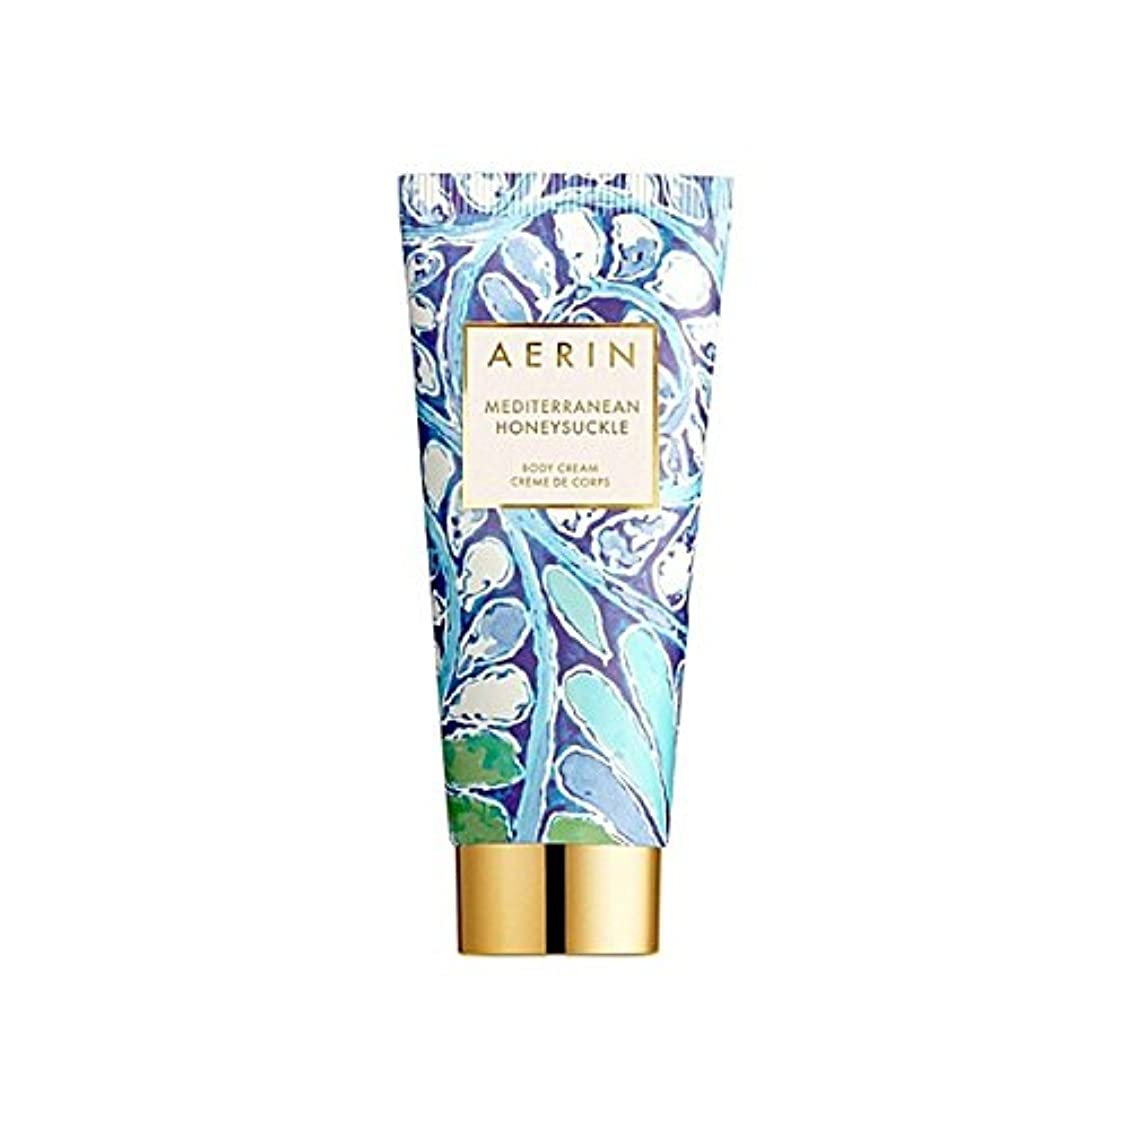 恋人偽リングバックスイカズラボディクリーム150ミリリットル x2 - Aerin Mediterrenean Honeysuckle Body Cream 150ml (Pack of 2) [並行輸入品]